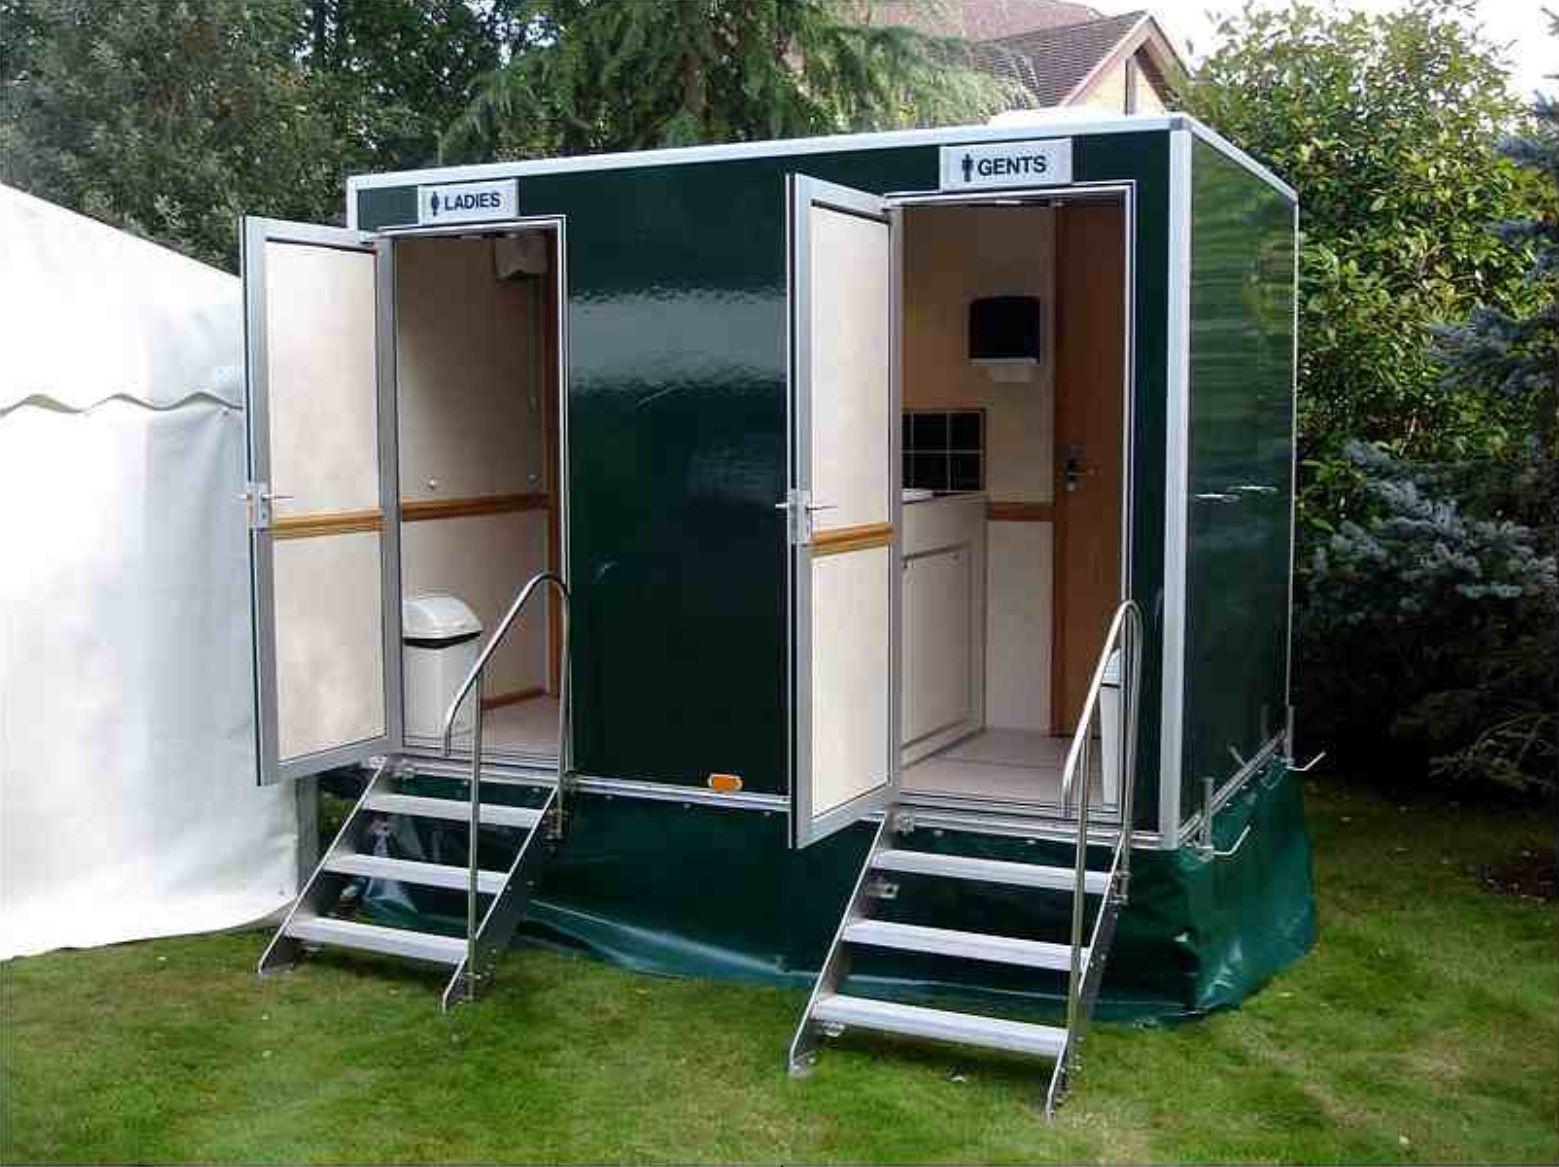 Porta potty for an outdoor wedding Portable toilet